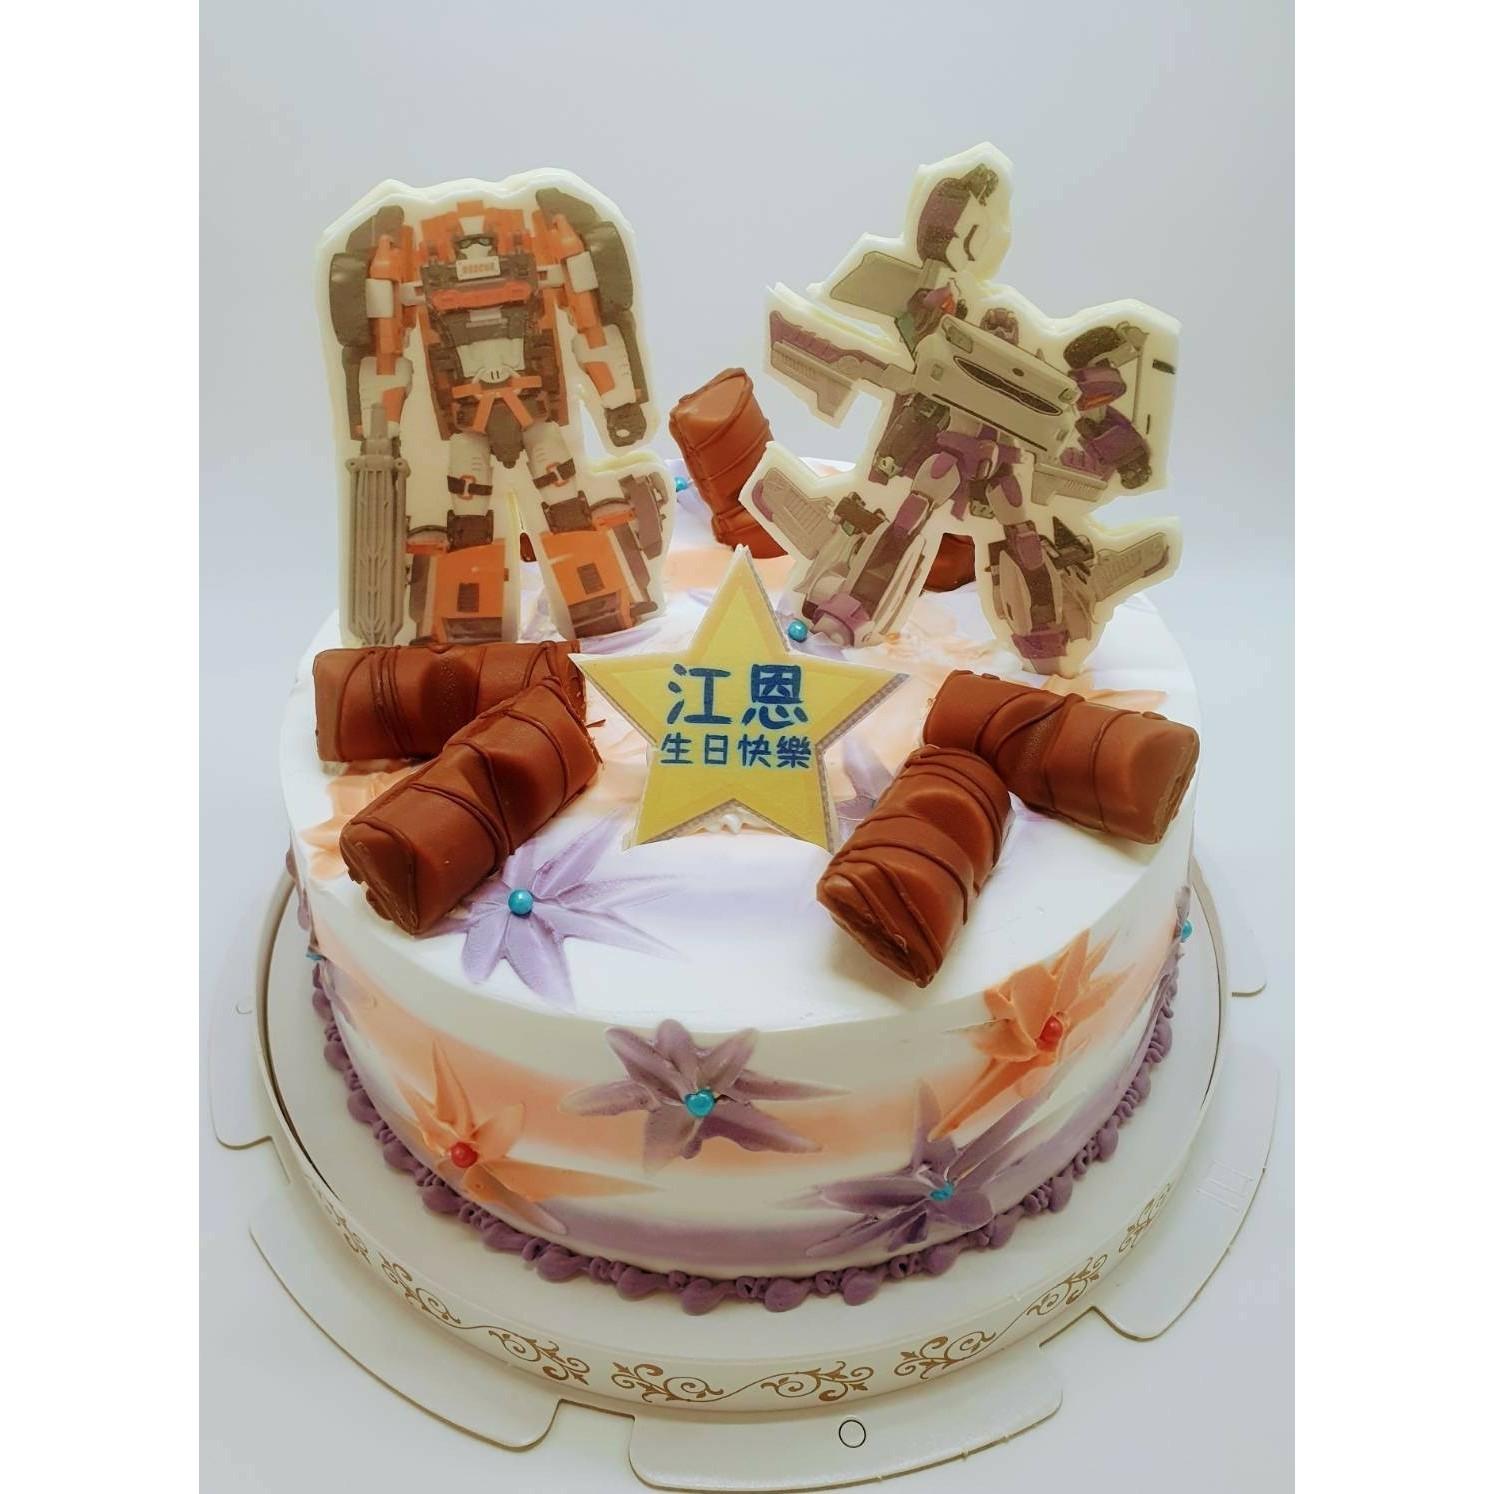 機器戰士數位立體蛋糕